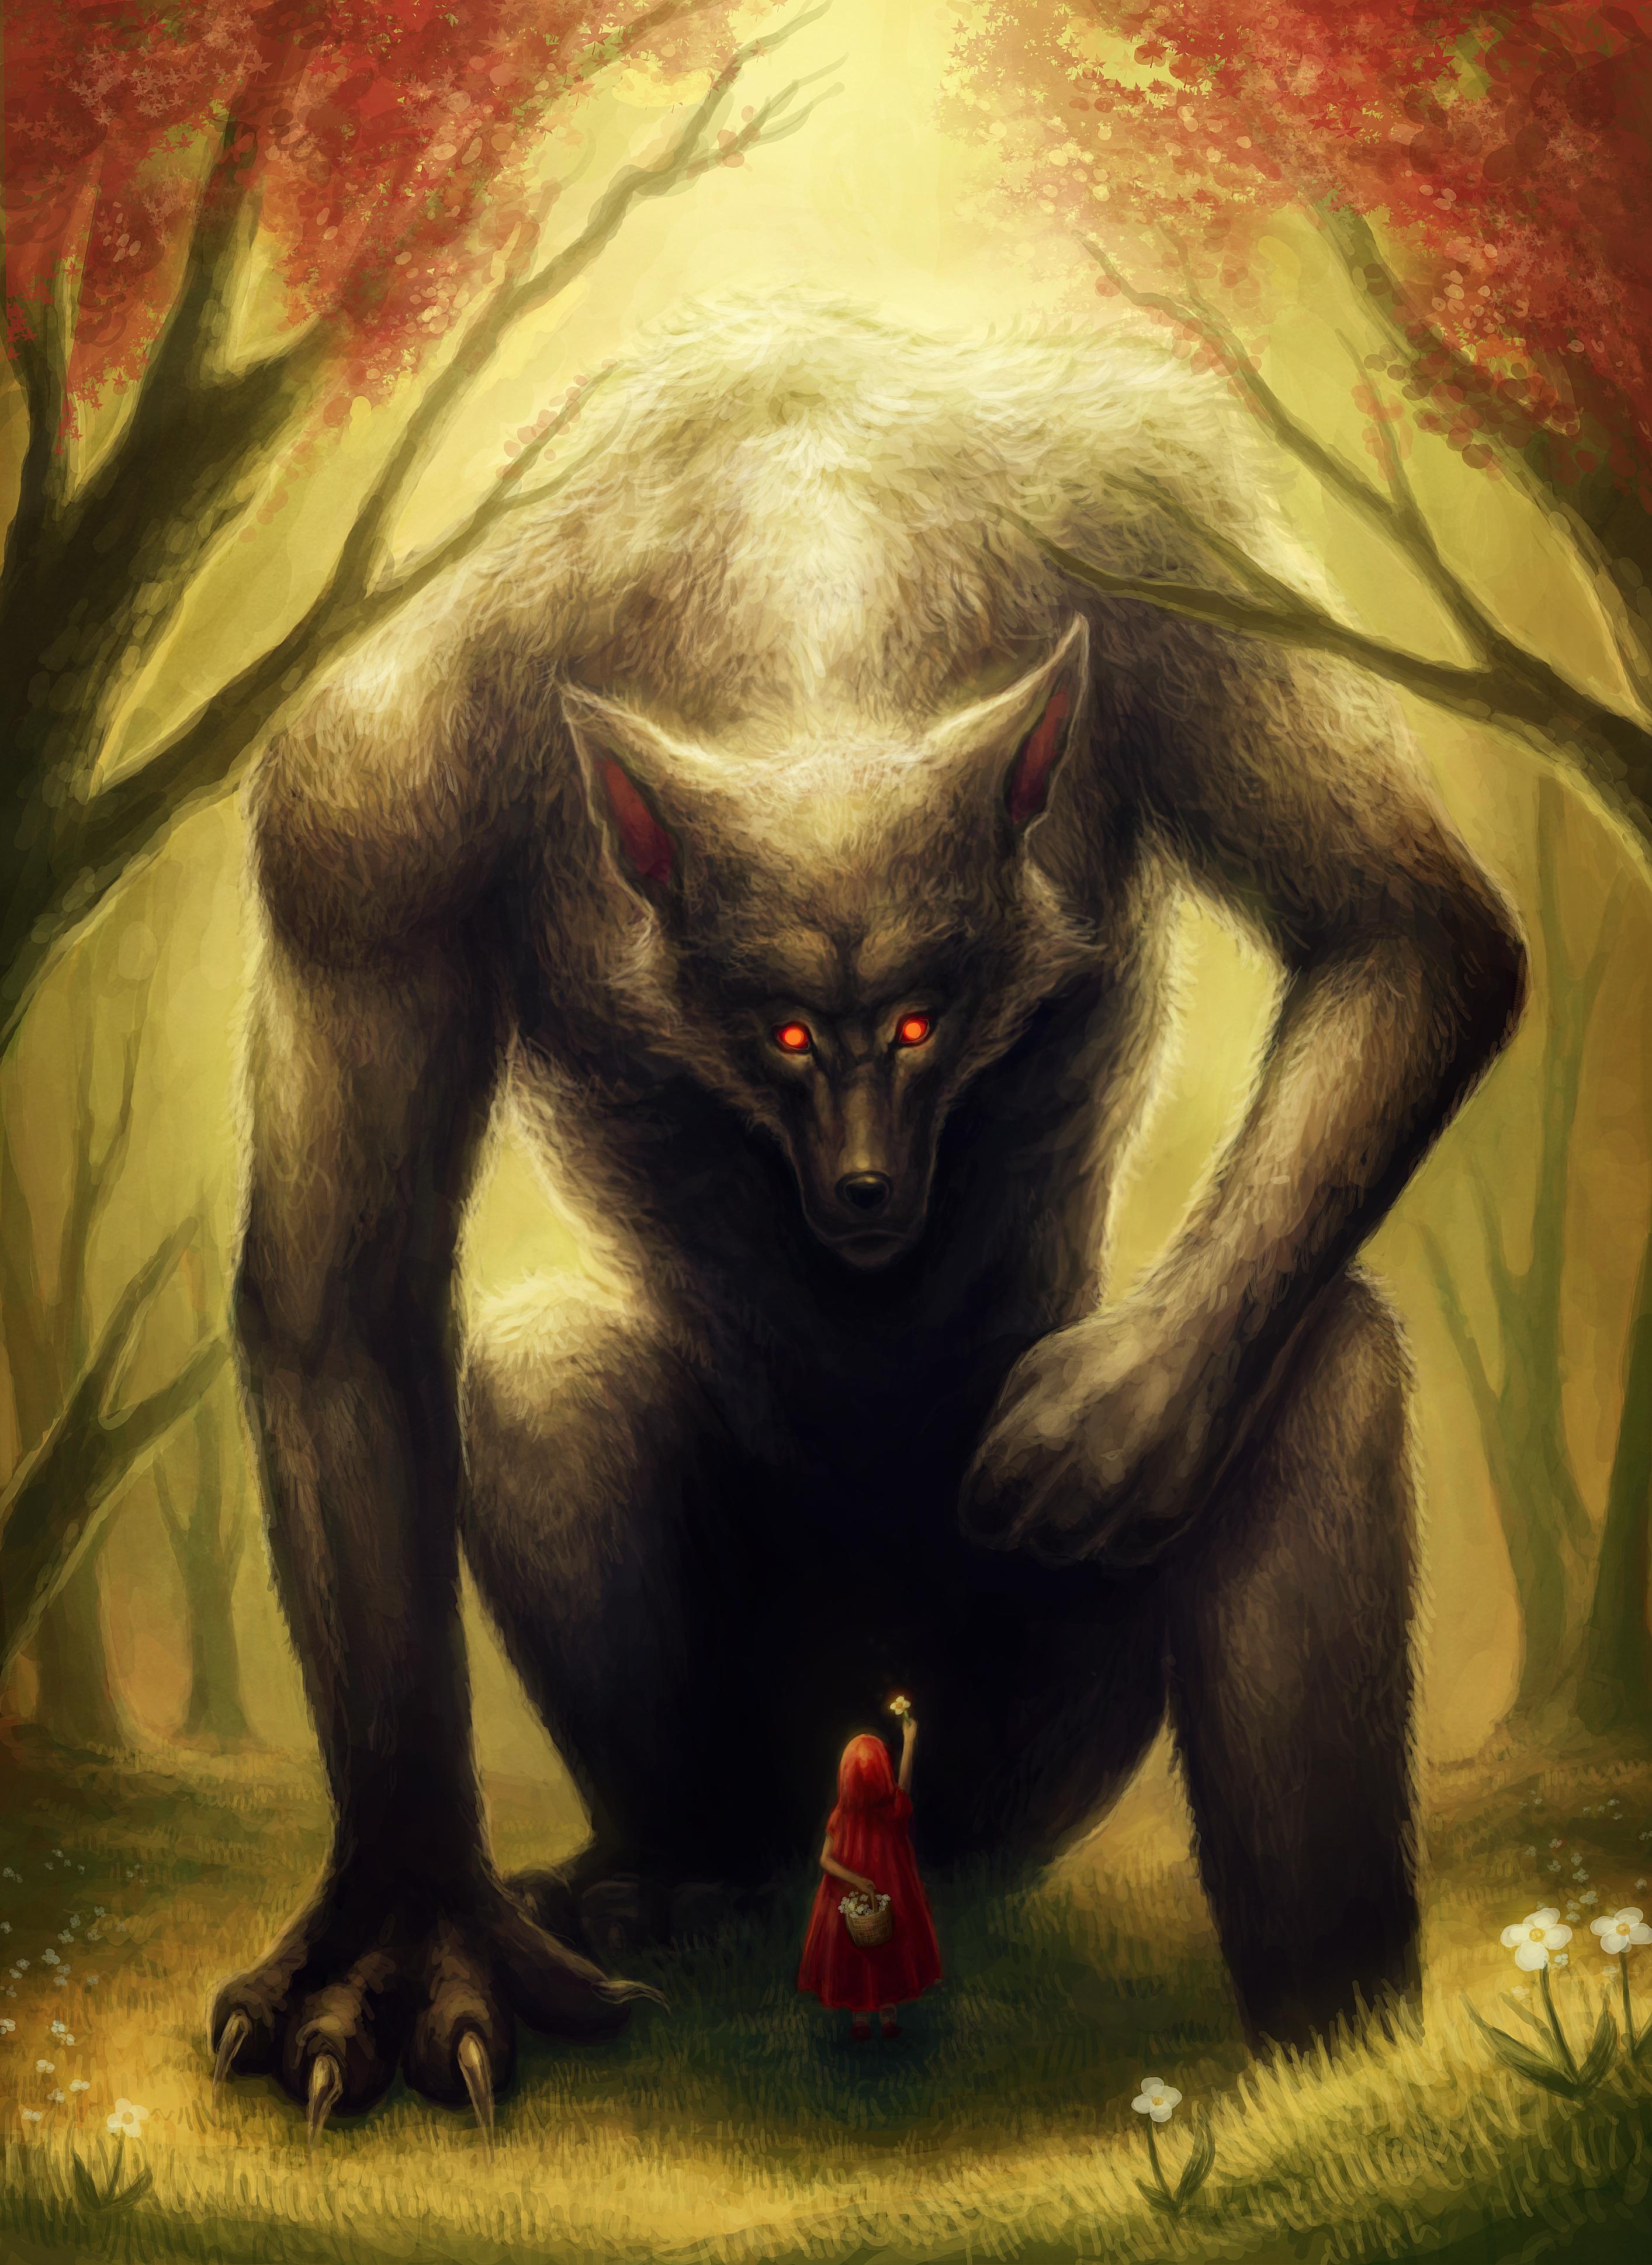 big bad wolves wallpaper - photo #46